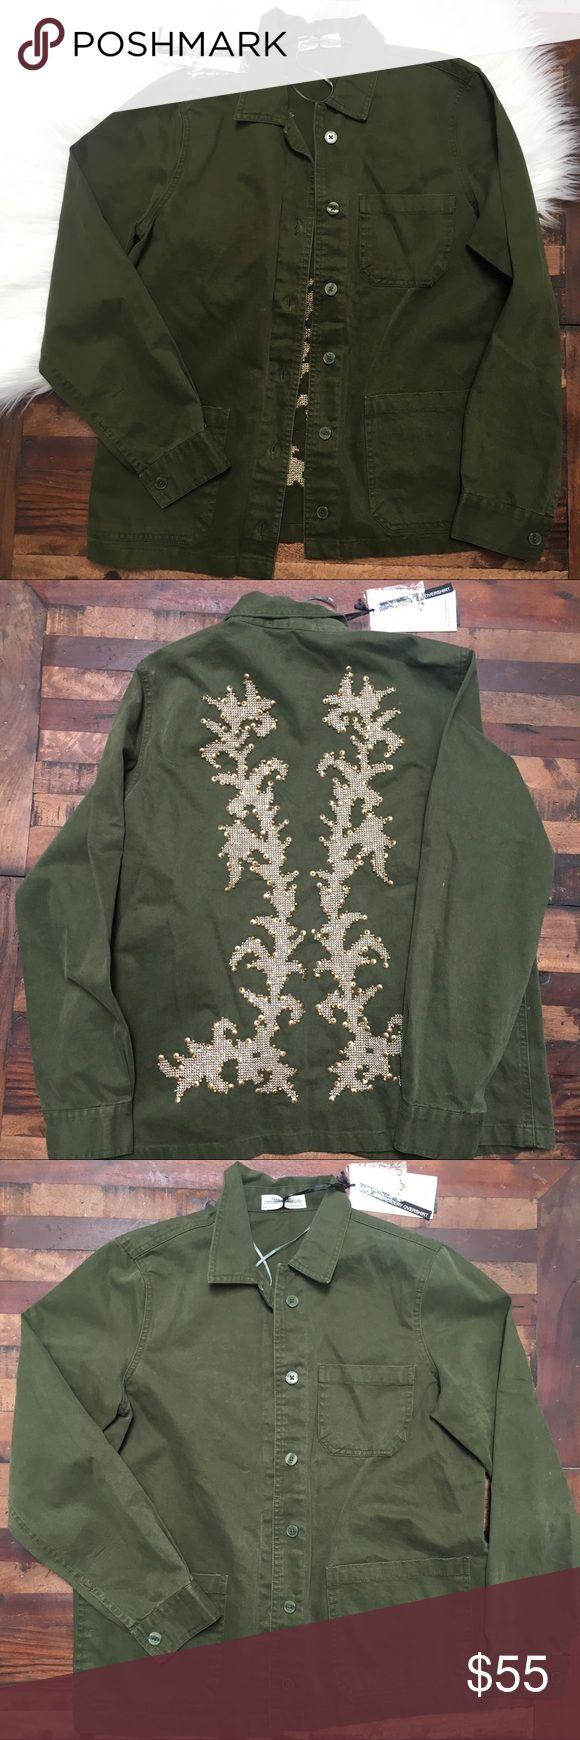 Zara jacket military style New with tags Zara Jackets & Coats